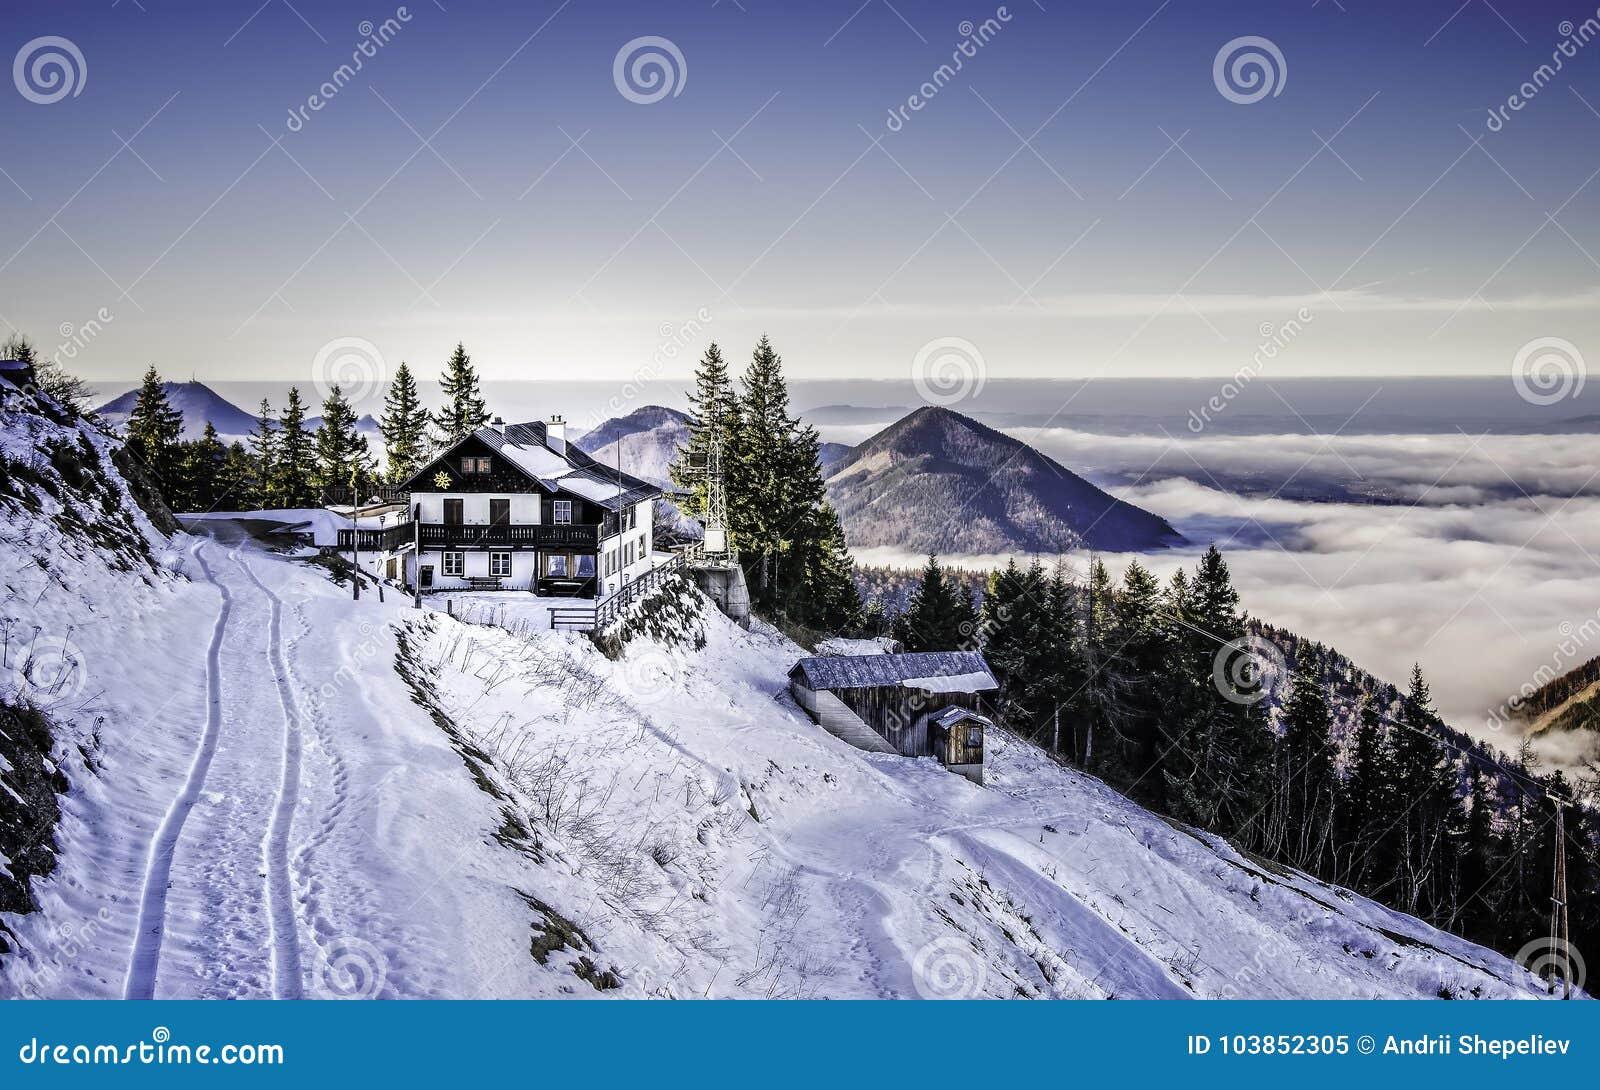 Mały dom na śnieżnym zboczu góry obok wąskiej drogi